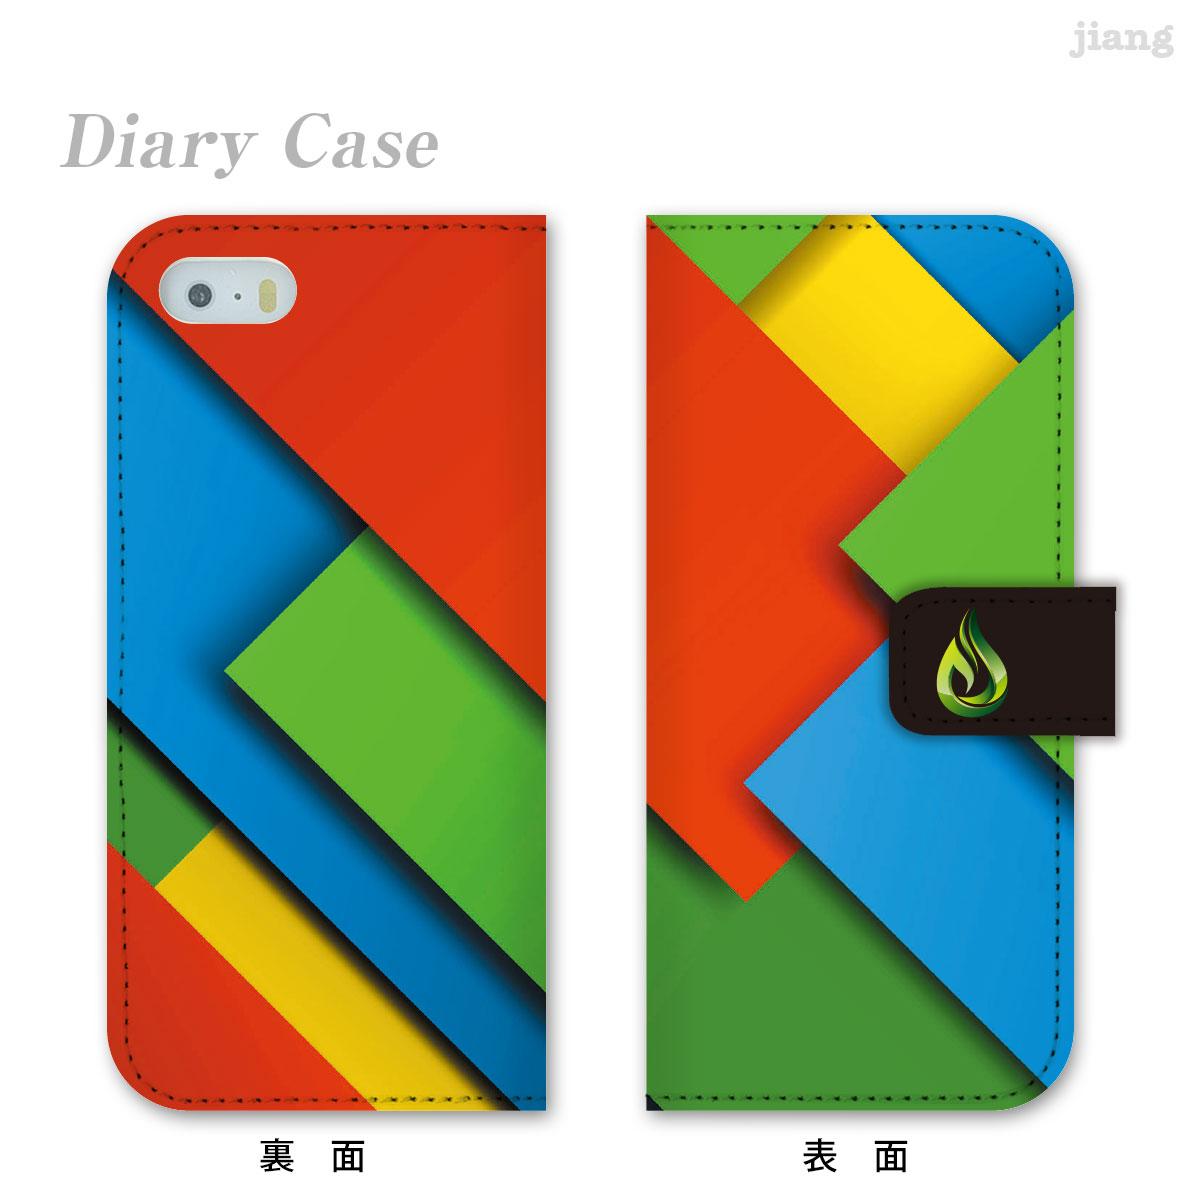 スマホケース 手帳型 全機種対応 手帳 ケース カバー レザー iPhoneXS Max iPhoneXR iPhoneX iPhone8 iPhone7 iPhone Xperia 1 SO-03L SOV40 Ase XZ3 SO-01L XZ2 SO-05K XZ1 XZ aquos R3 sh-04l shv44 R2 sh-04k sense2 galaxy S10 S9 S8 カラーマテリアル 01-ip5-ds2380